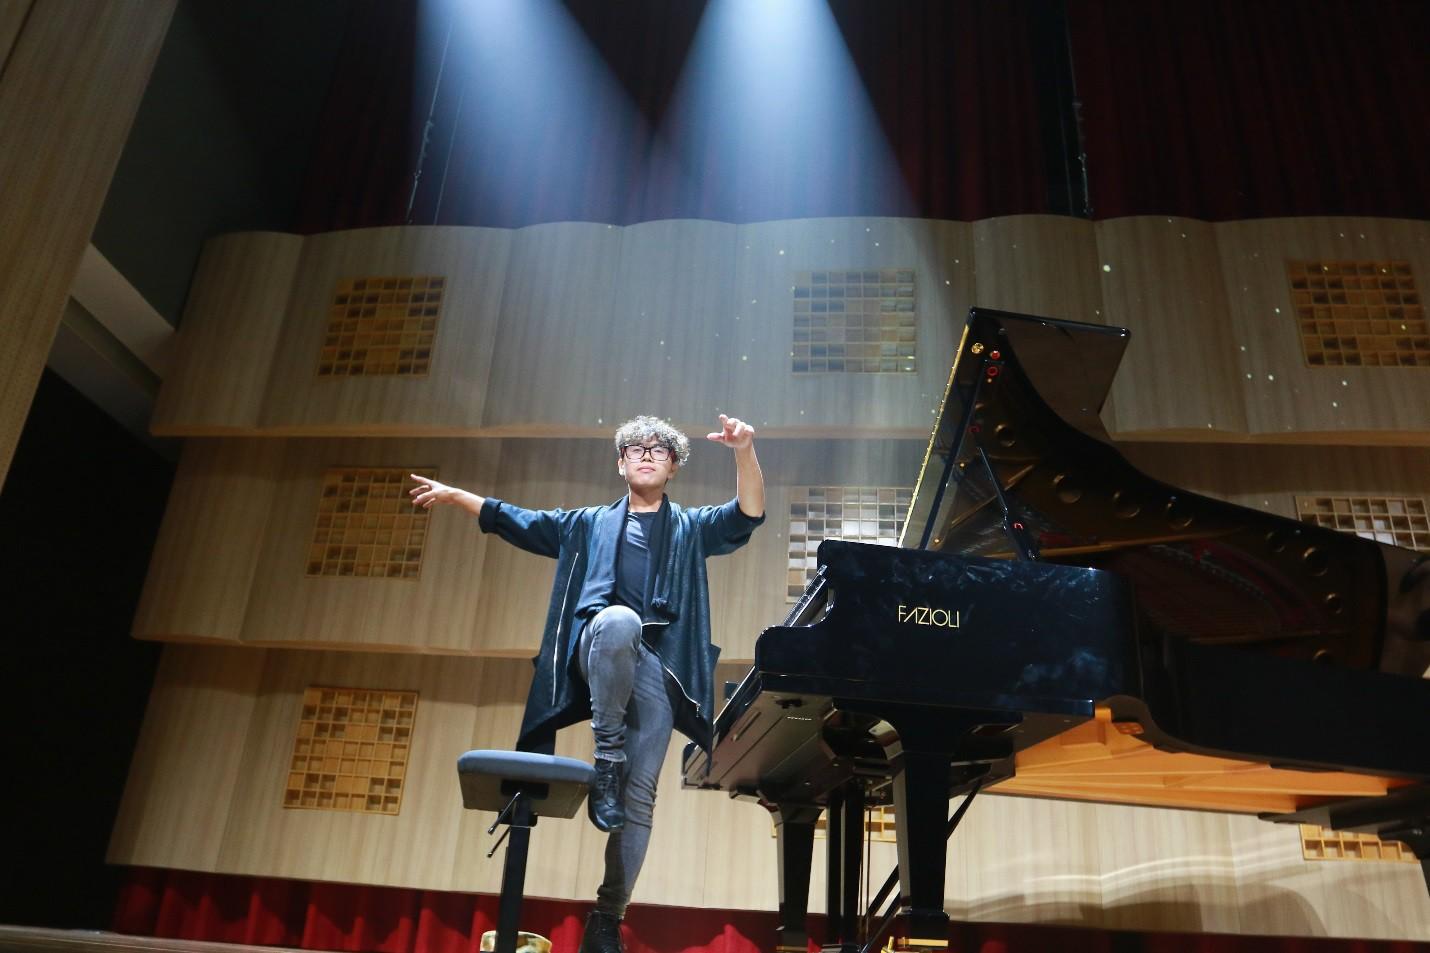 Màn biểu diễn cực chất của nghệ sĩ Tuấn Mạnh tại gala chào đón tân sinh viên Đại học Quốc tế Sài Gòn - Ảnh 2.